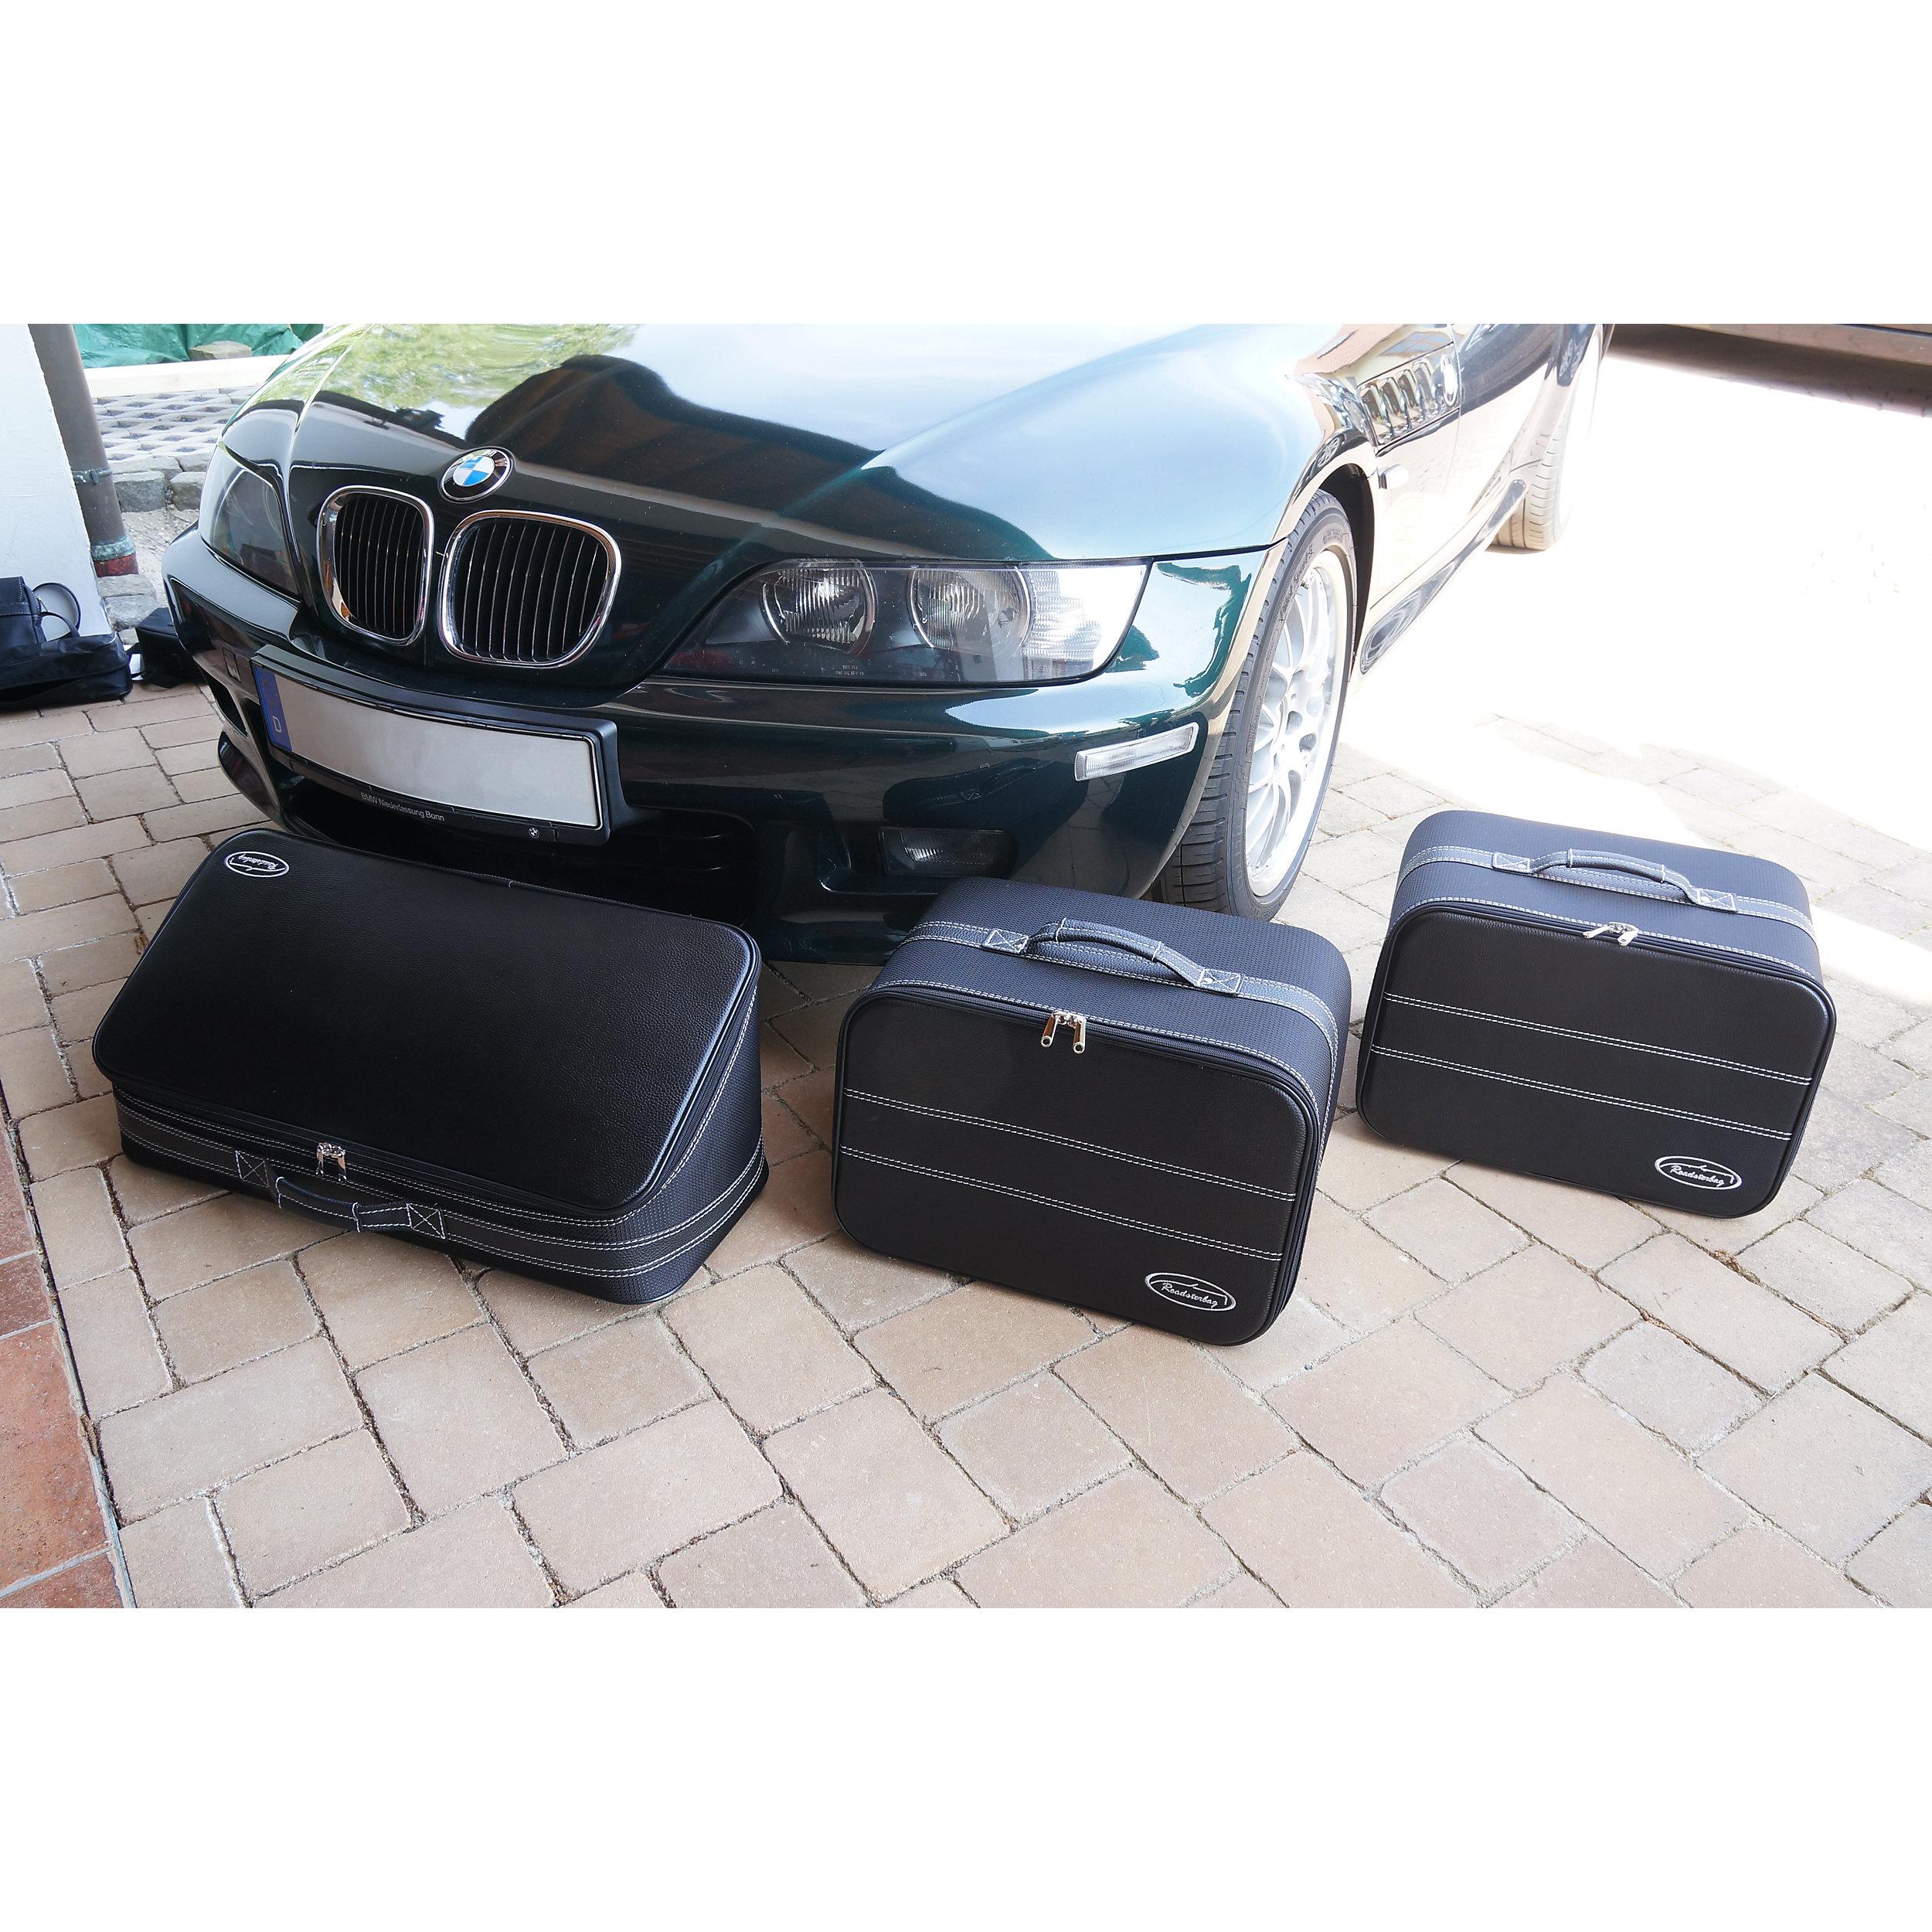 Car luggage BMW Z3 119 Liter